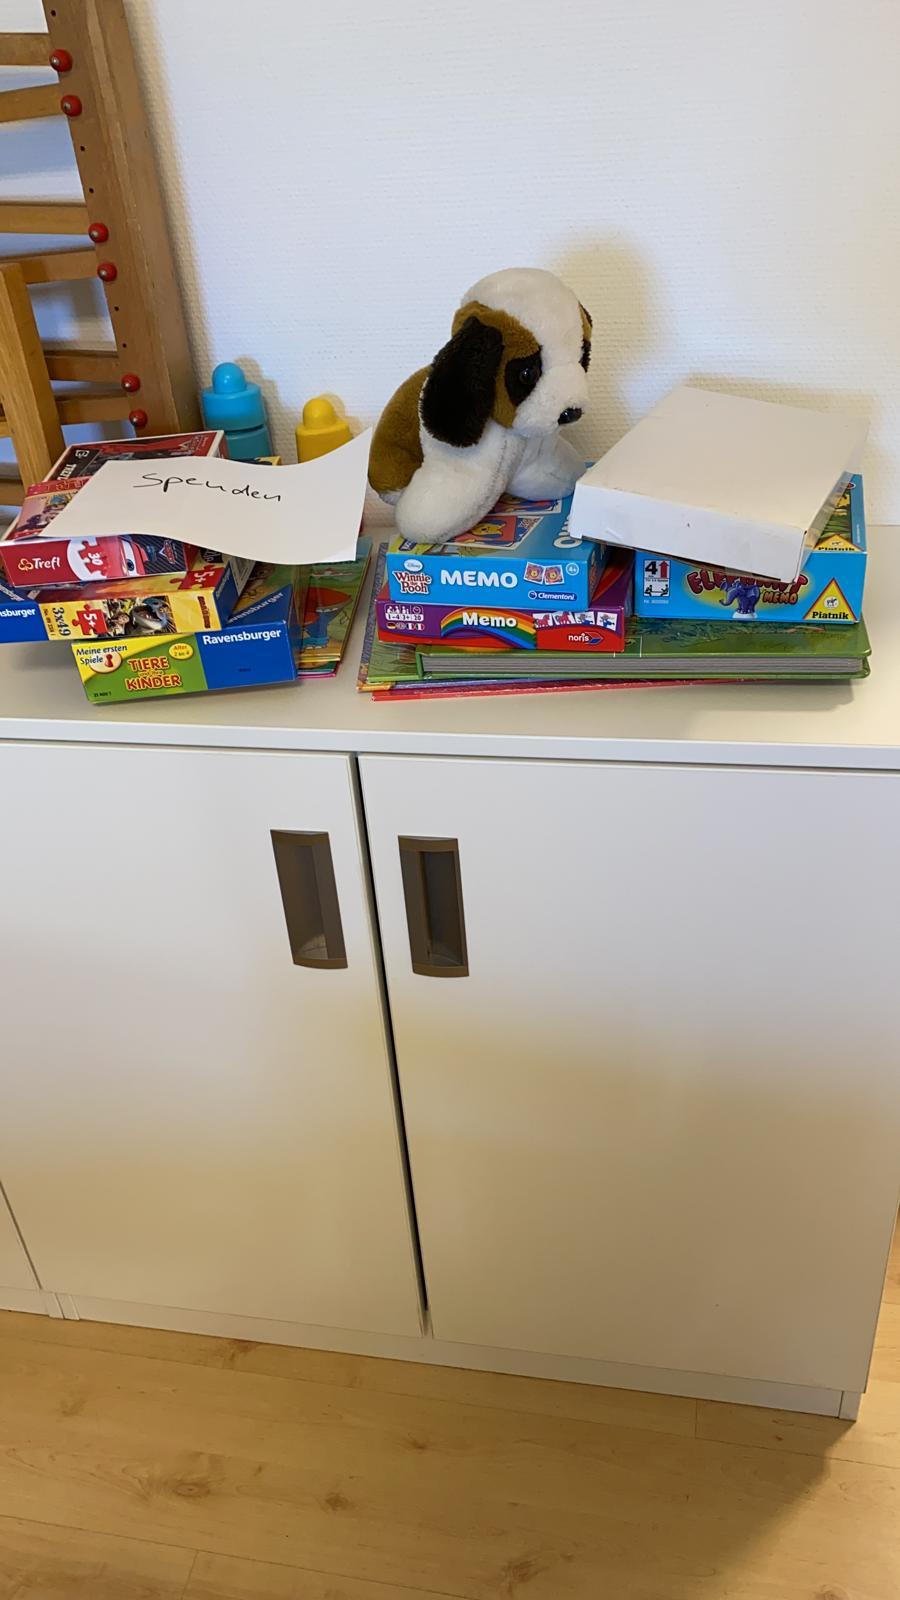 Danke für die Spenden. Bereits heute lieferten Mitarbeiter der Frühförderung erste Spielzeug-Carepakete aus!